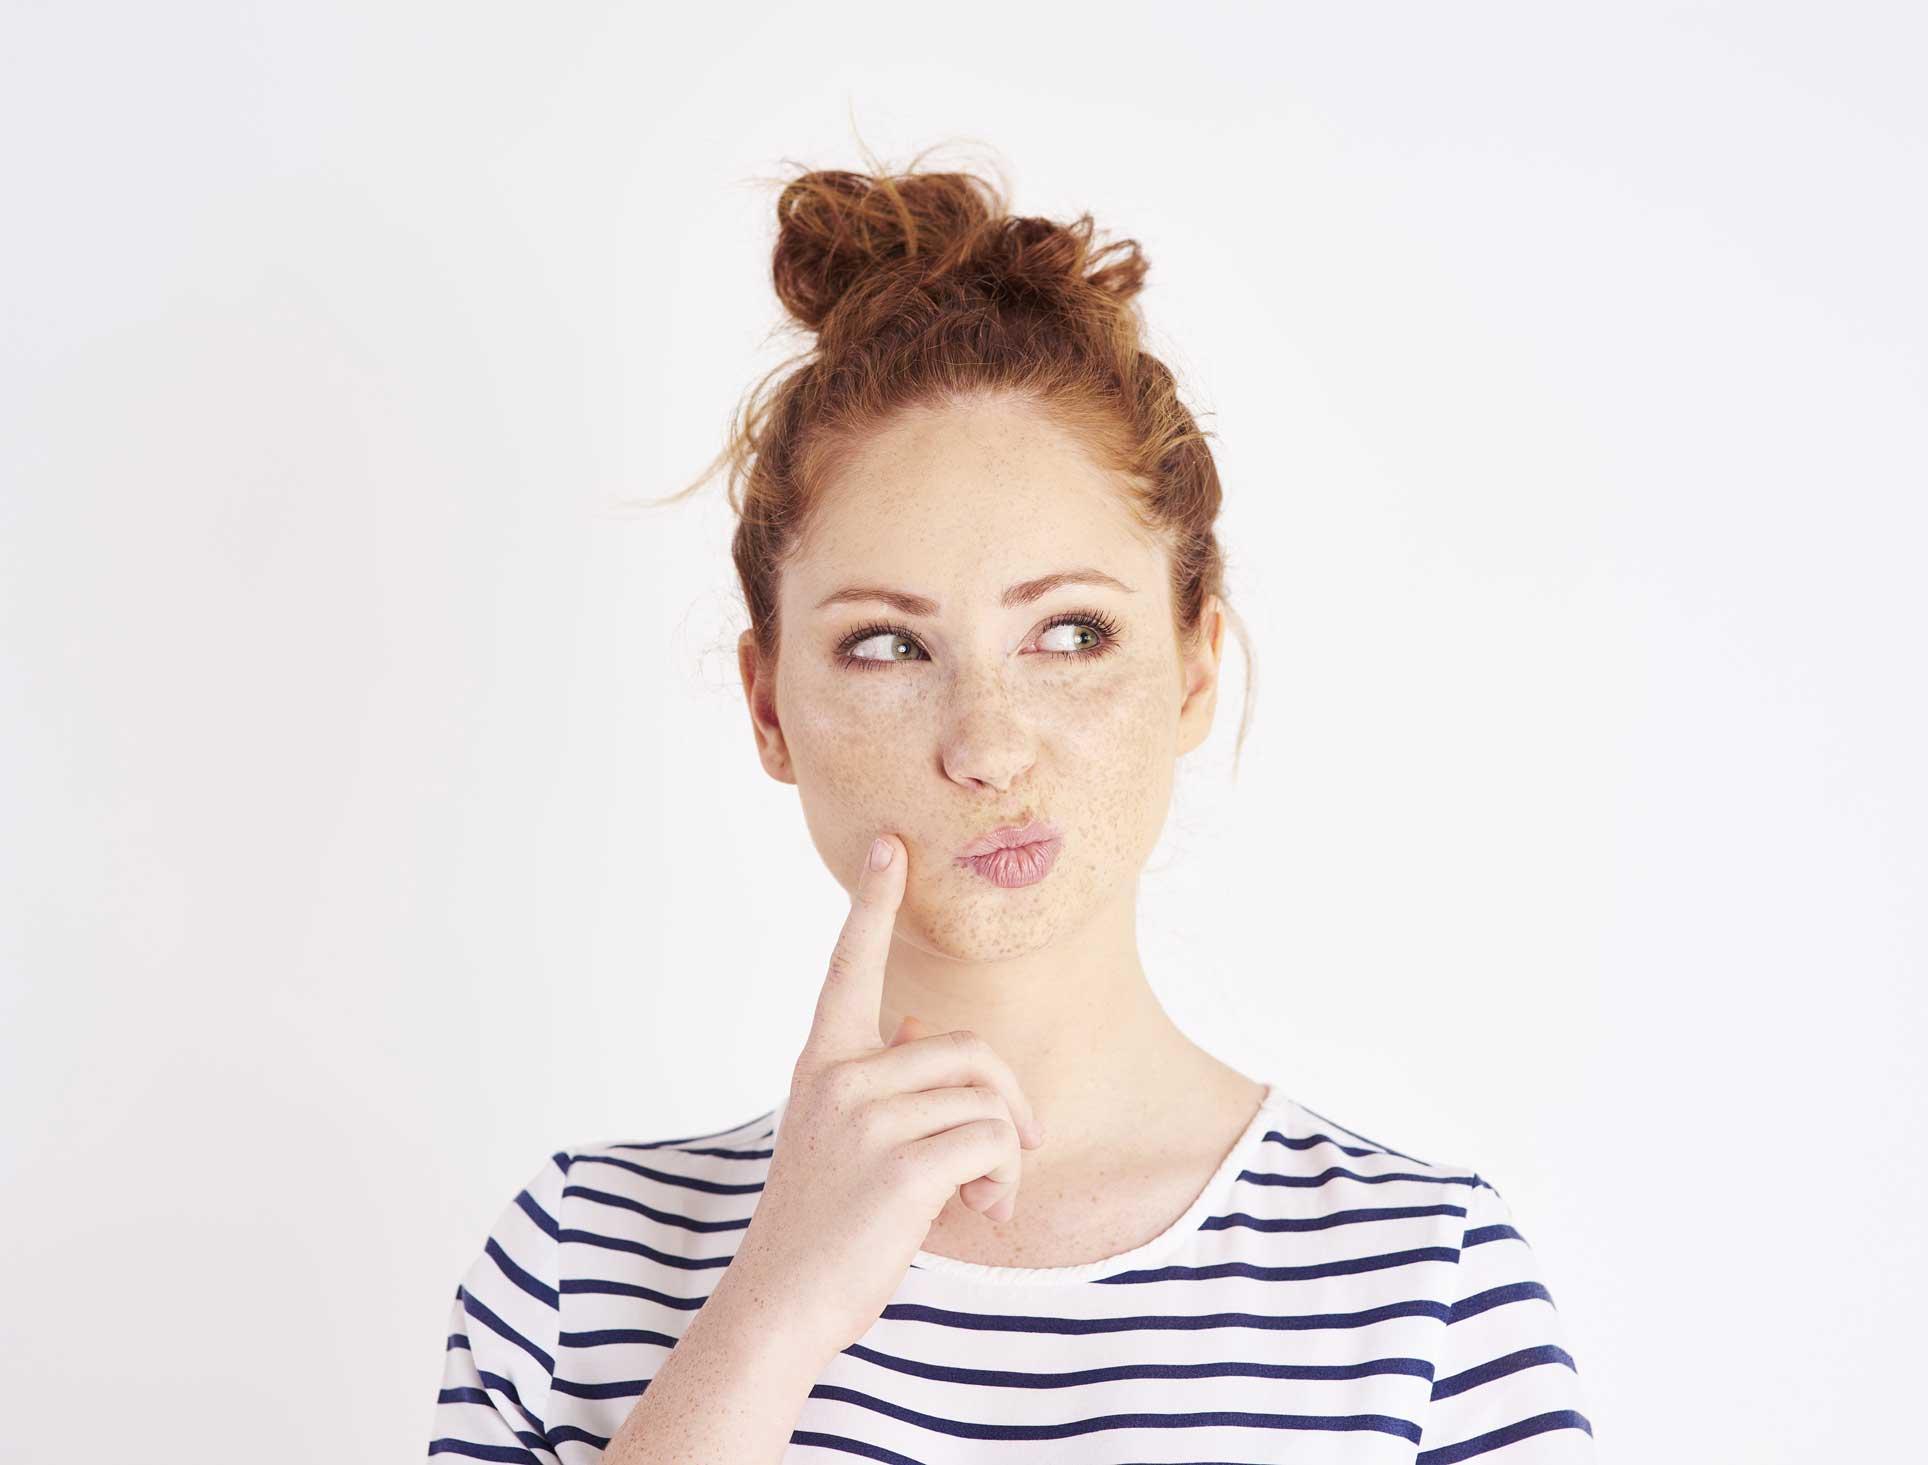 Junge rothaarige Bewerberin hält ihren Zeigefinger an die Wange und blickt zur Seite. Sie überlegt sich eine sinnvolle Rückfrage.